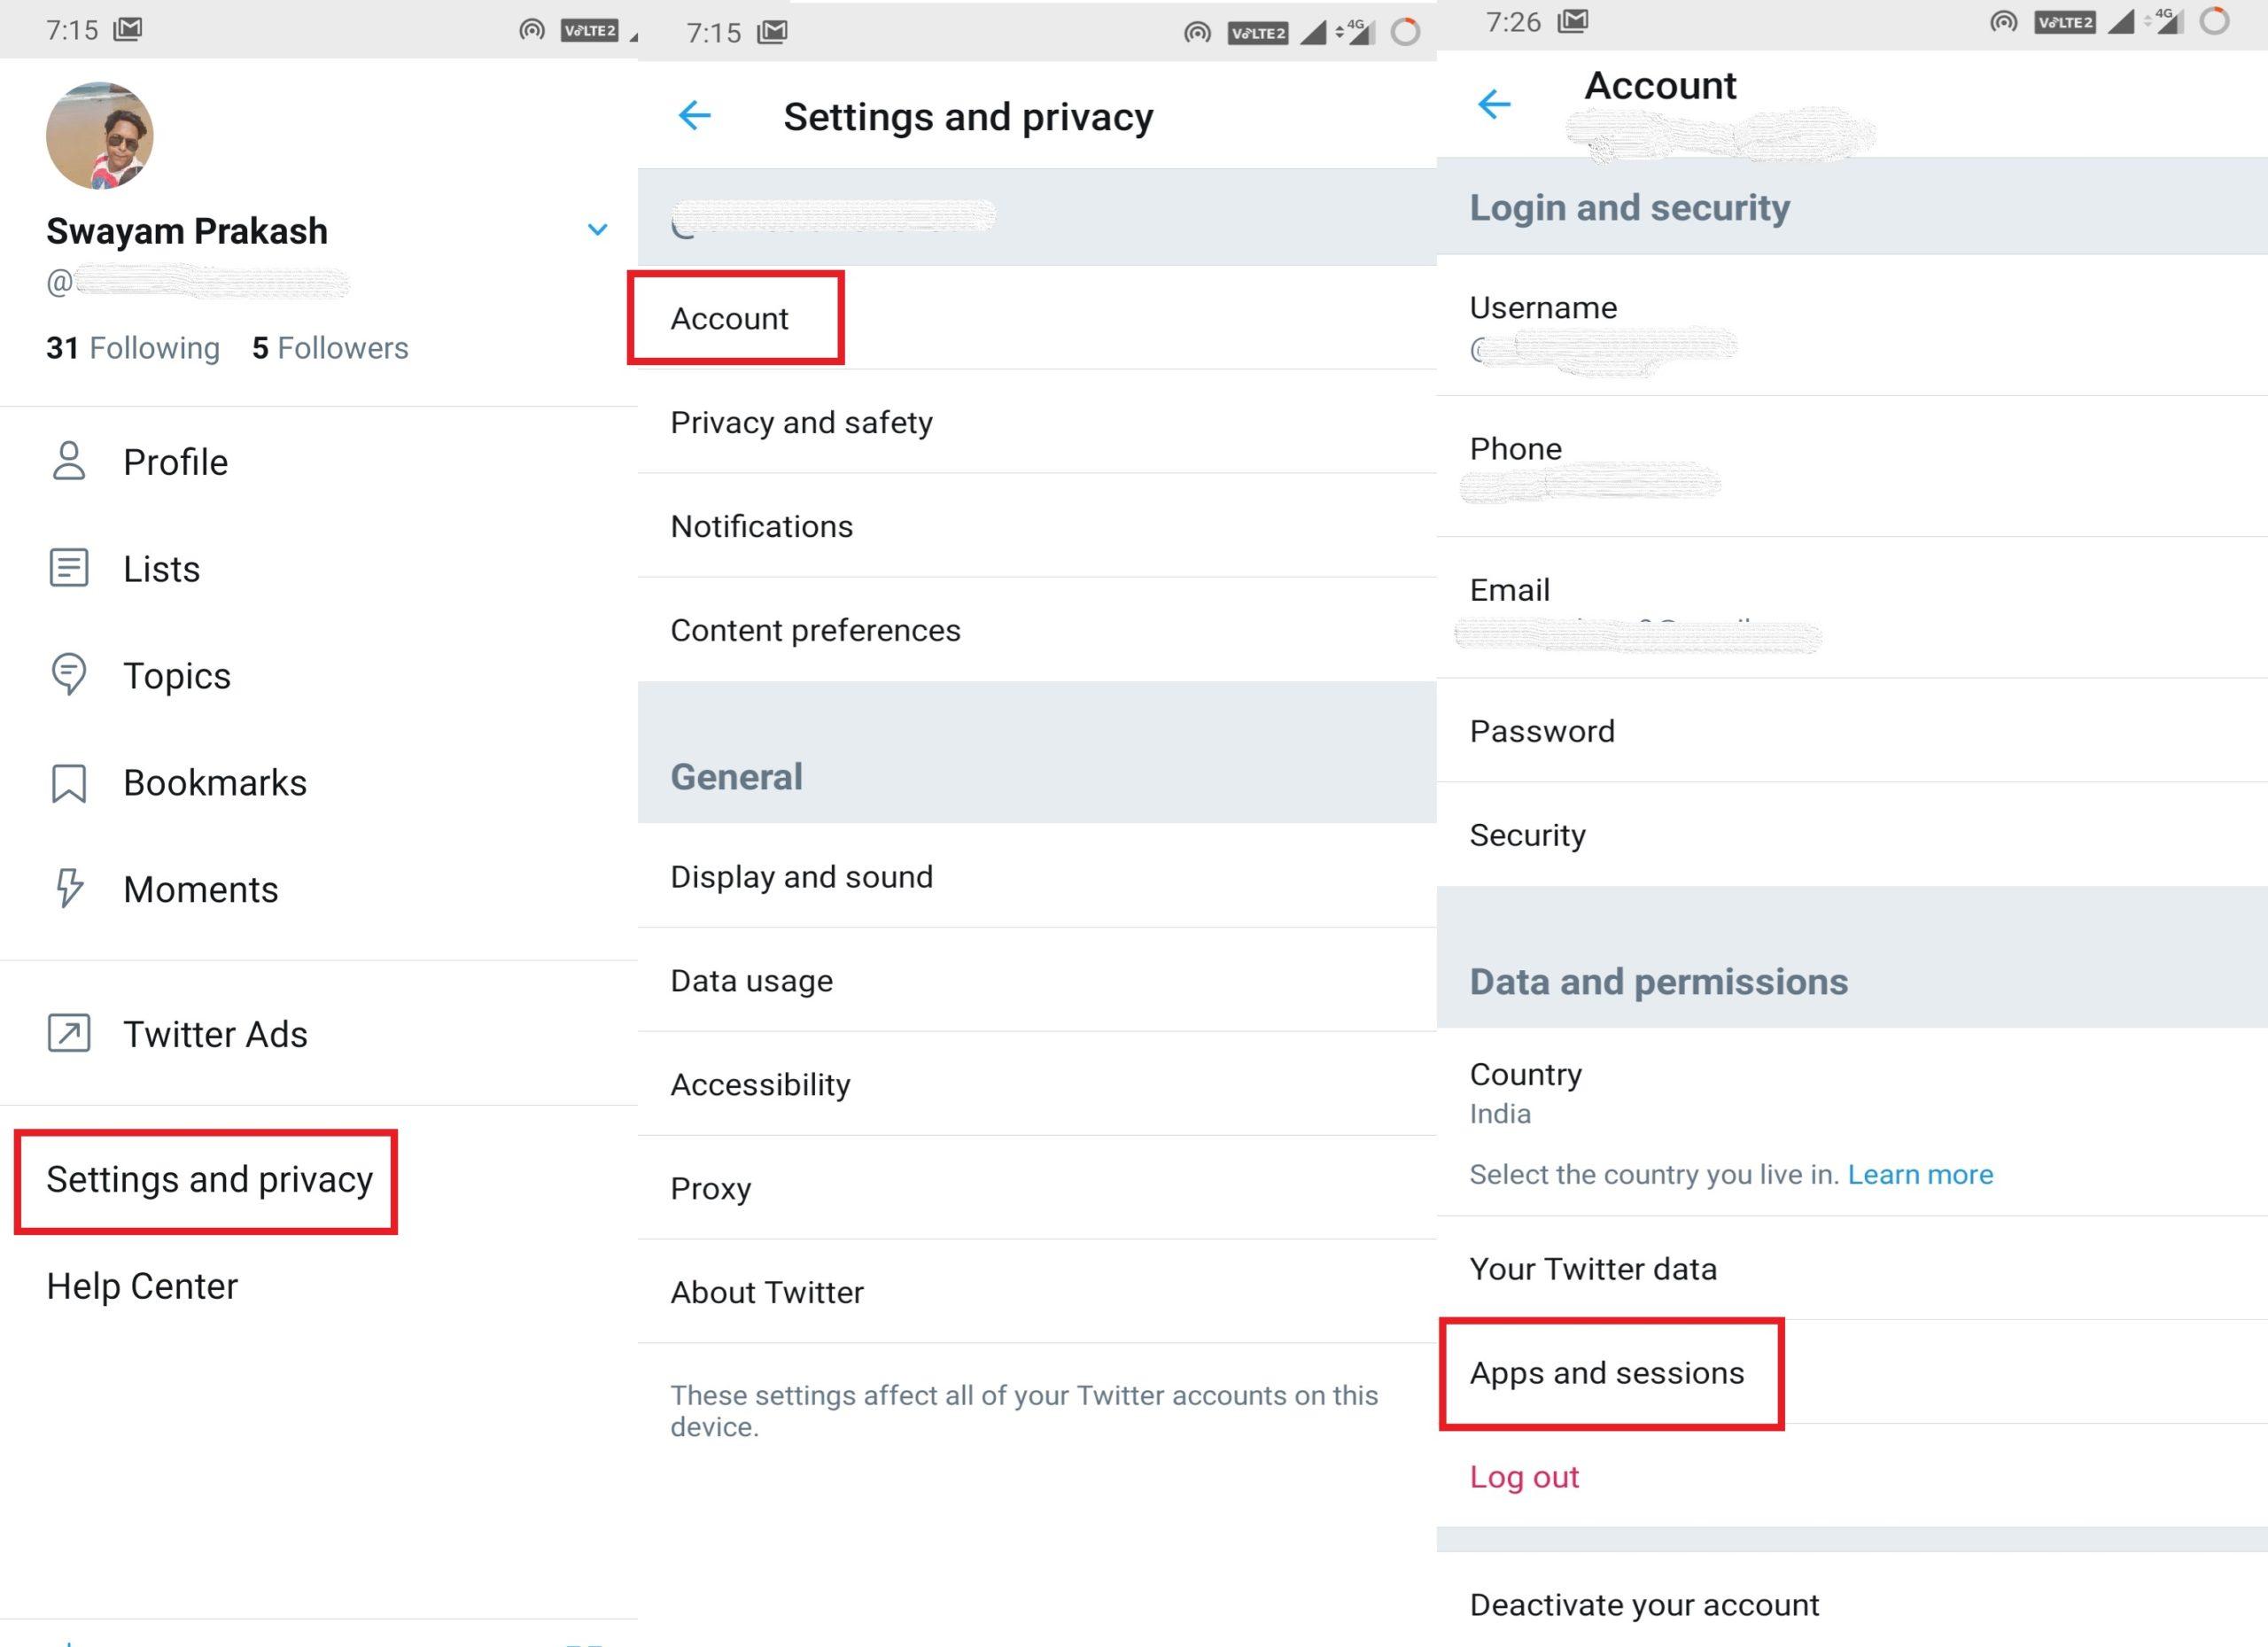 Odvolať prístup k aplikáciám tretích strán vo vašom Twitter účet